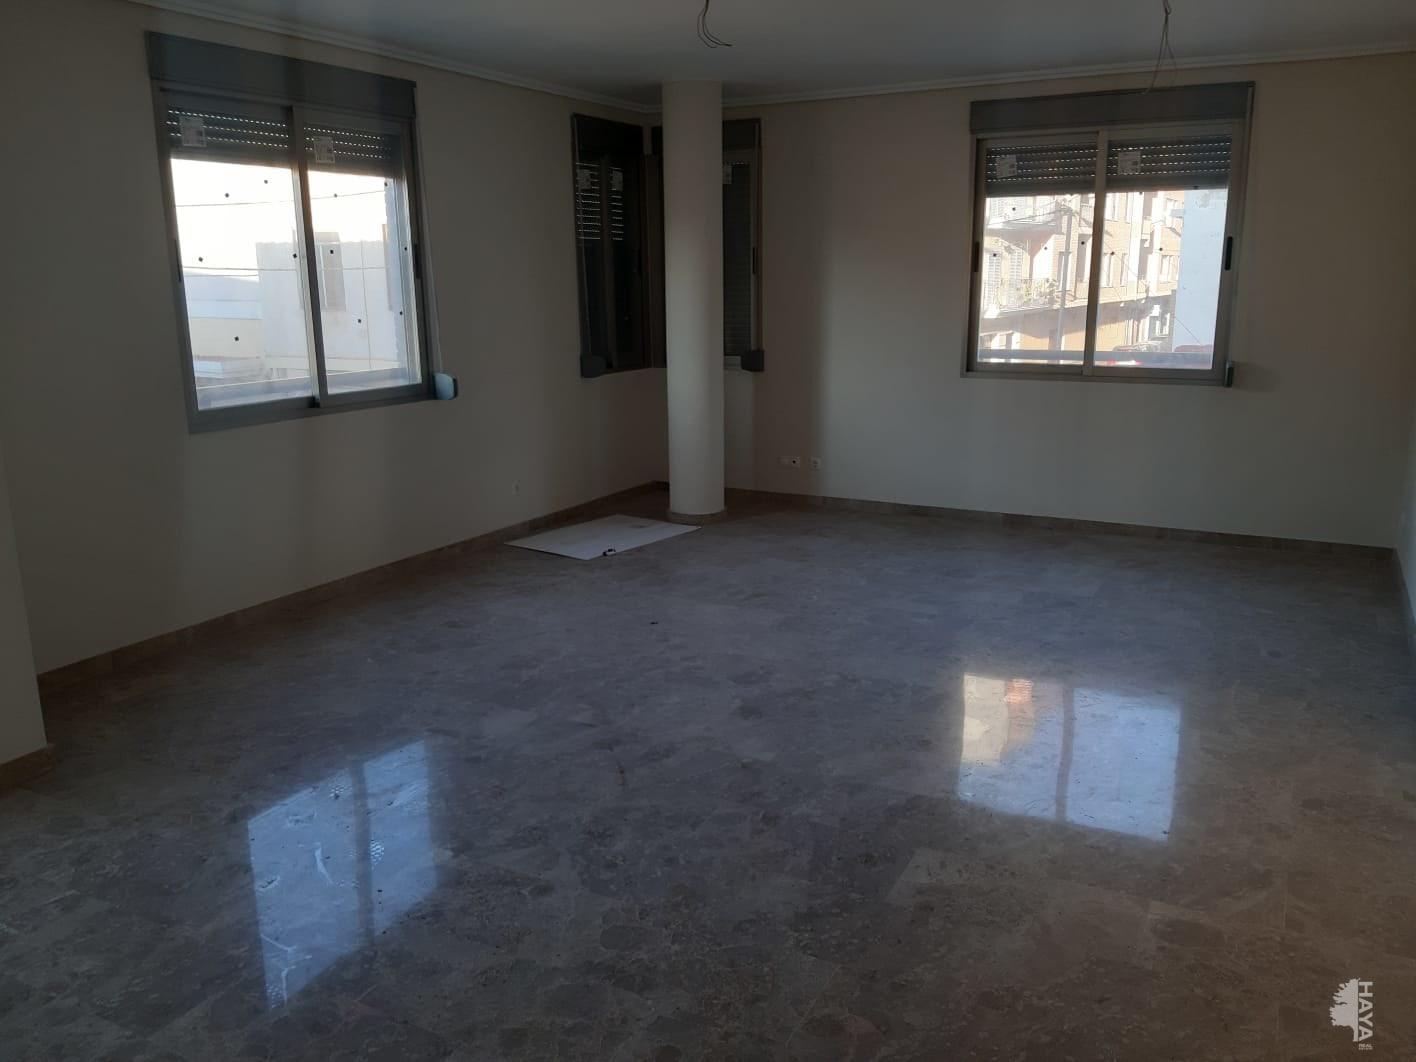 Piso en venta en Carlet, Valencia, Calle A, 76.000 €, 2 habitaciones, 1 baño, 119 m2